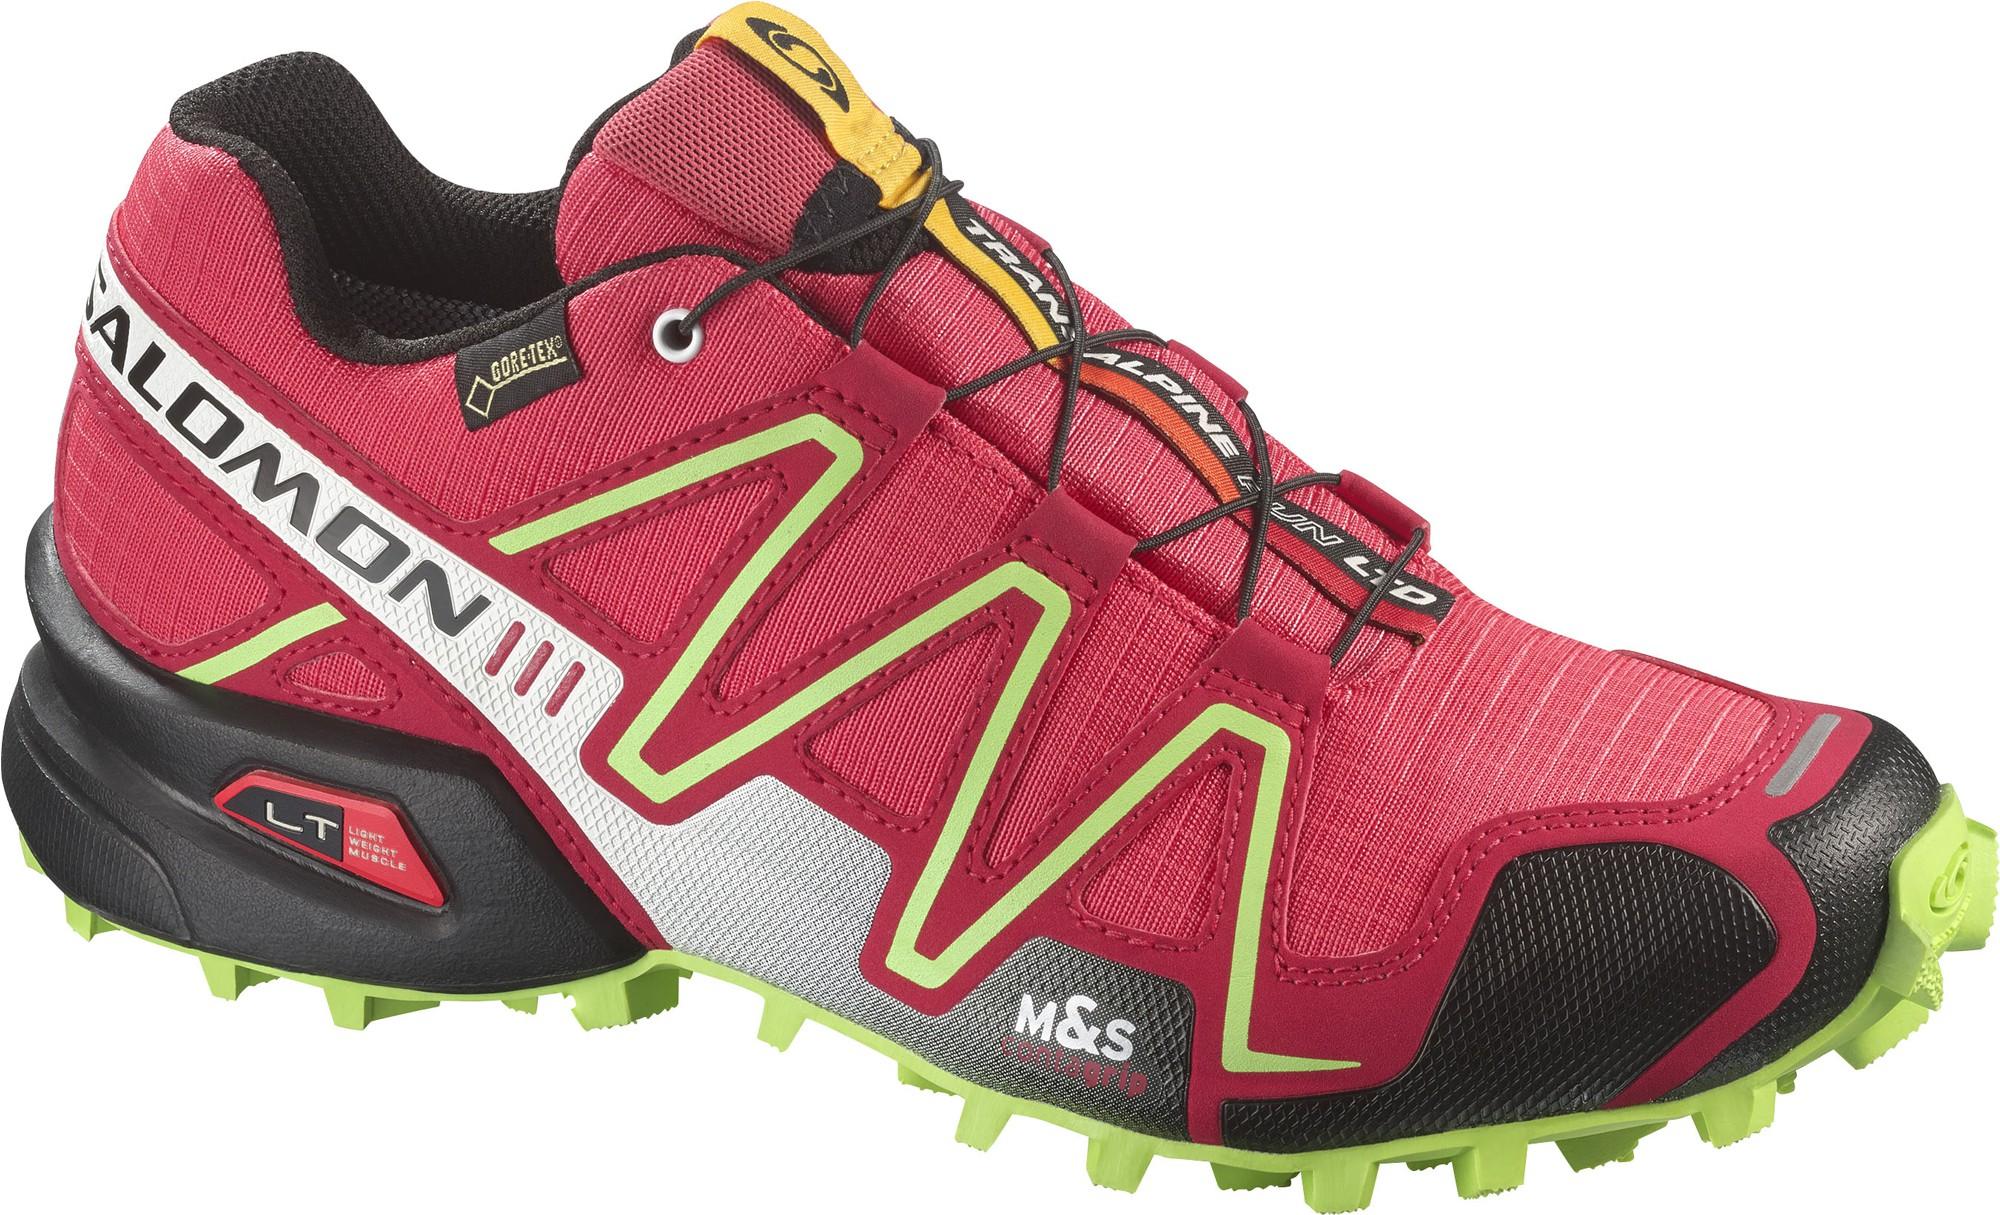 Salomon Schuhe Damen Pink